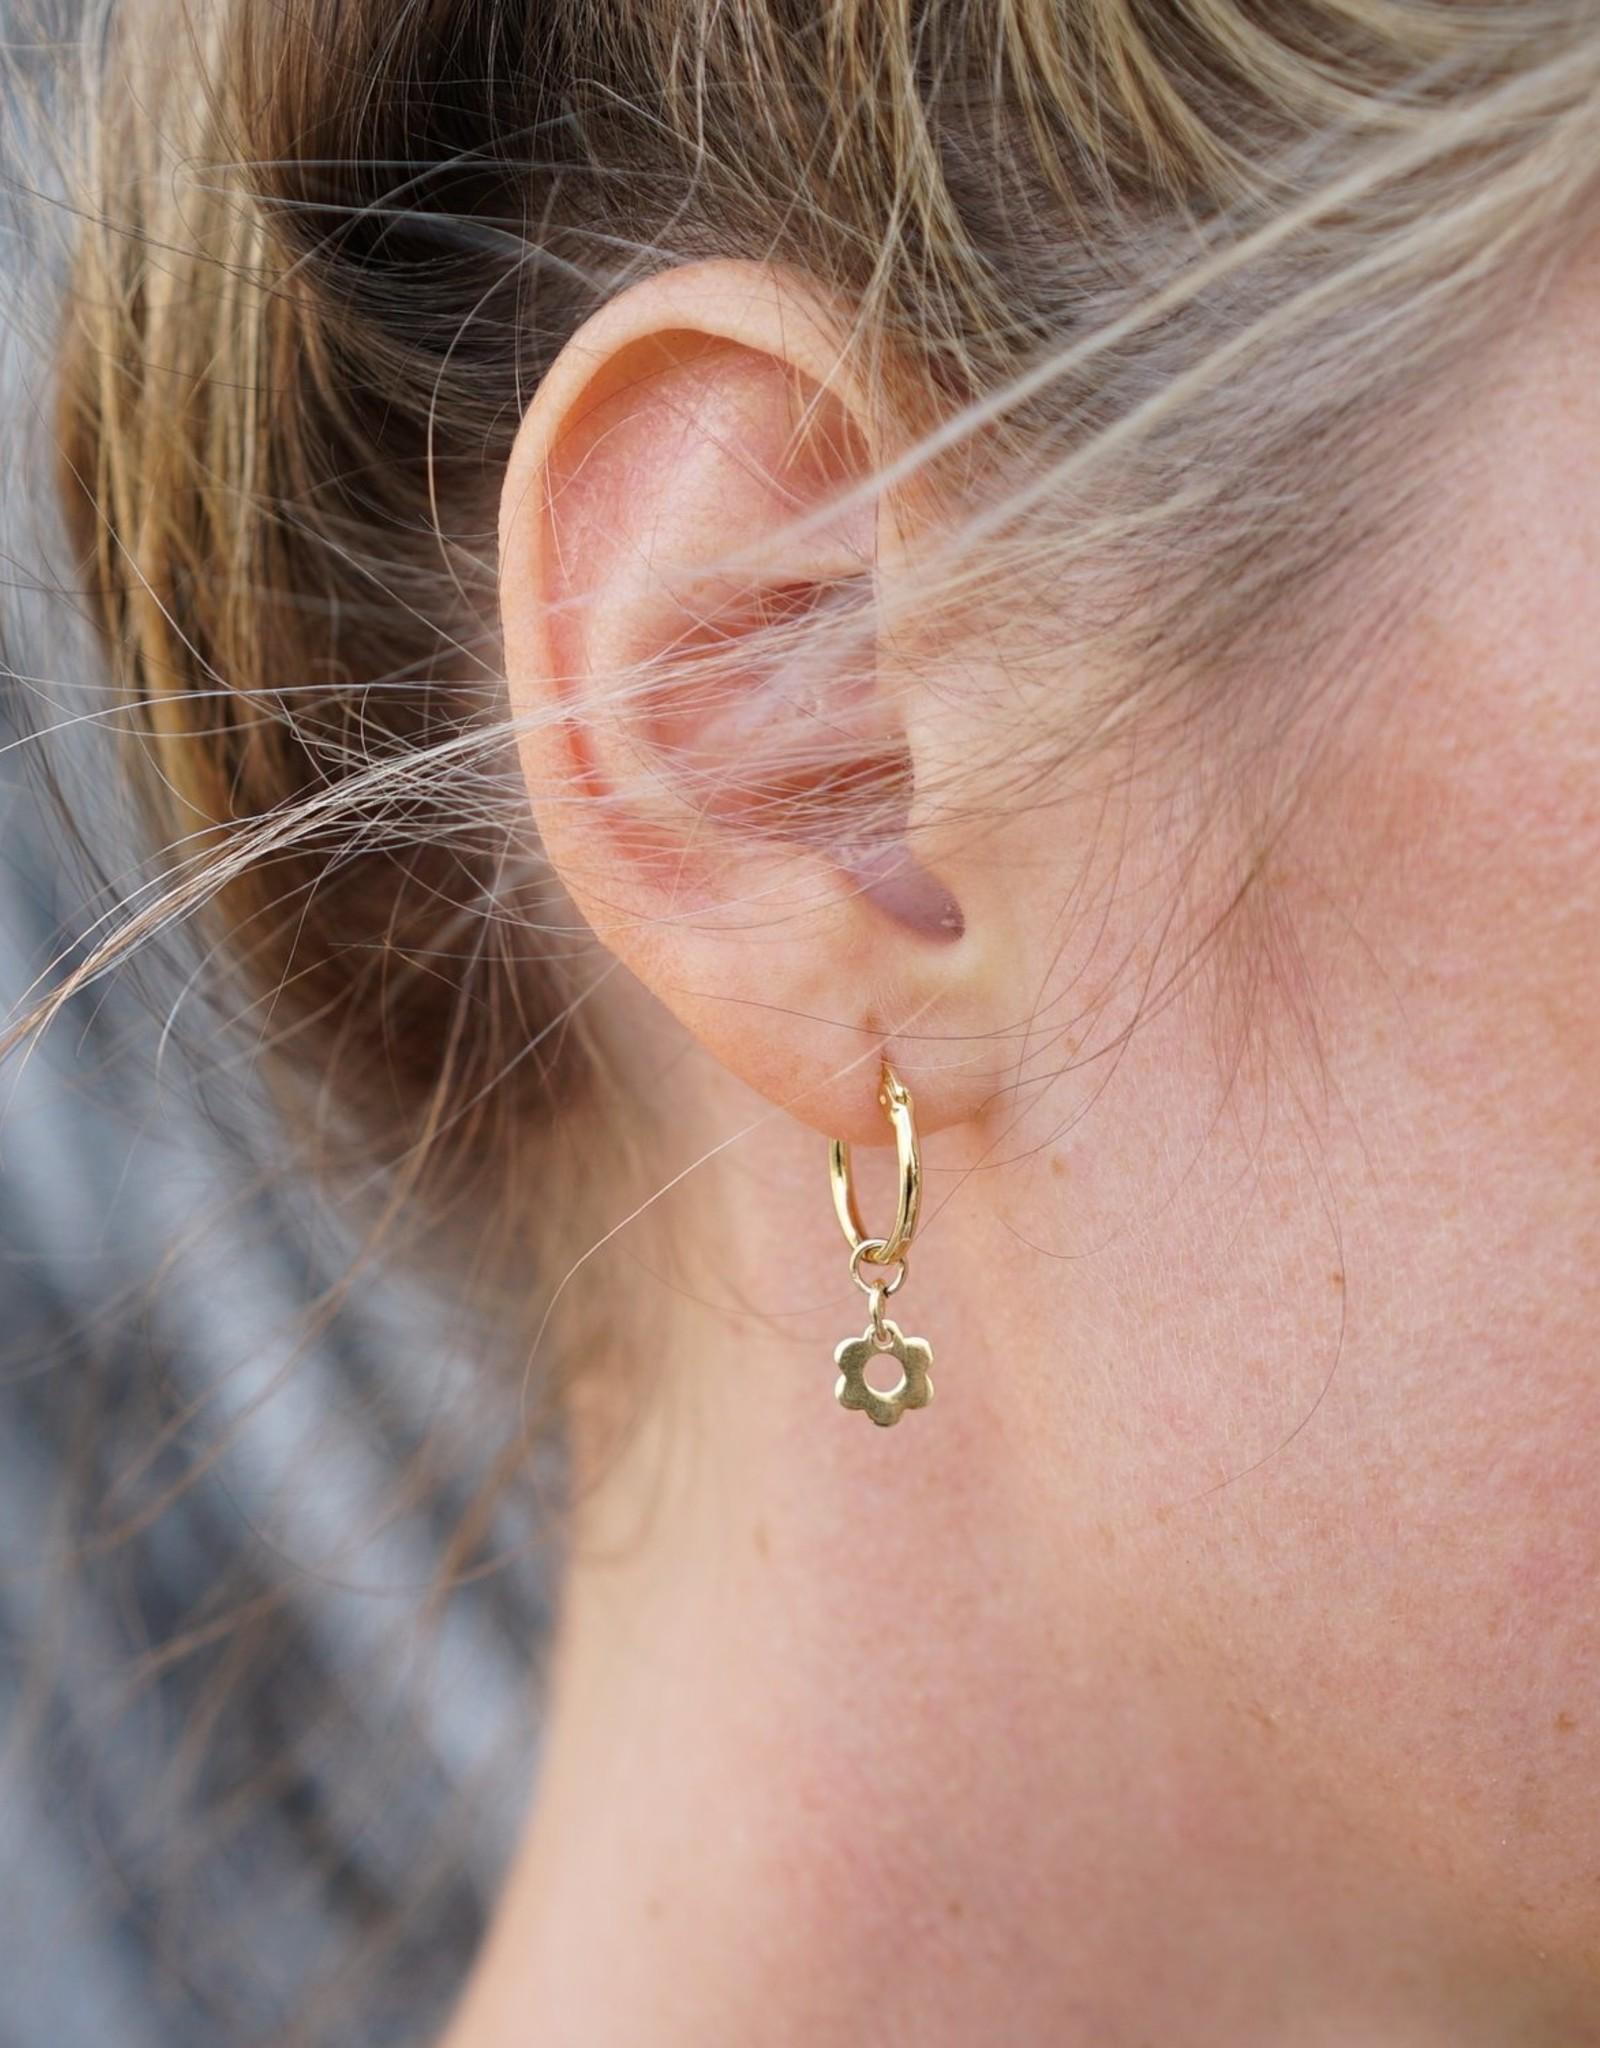 f.y.b. f.y.b. - Earrings Kaia Hoop Flower Gold